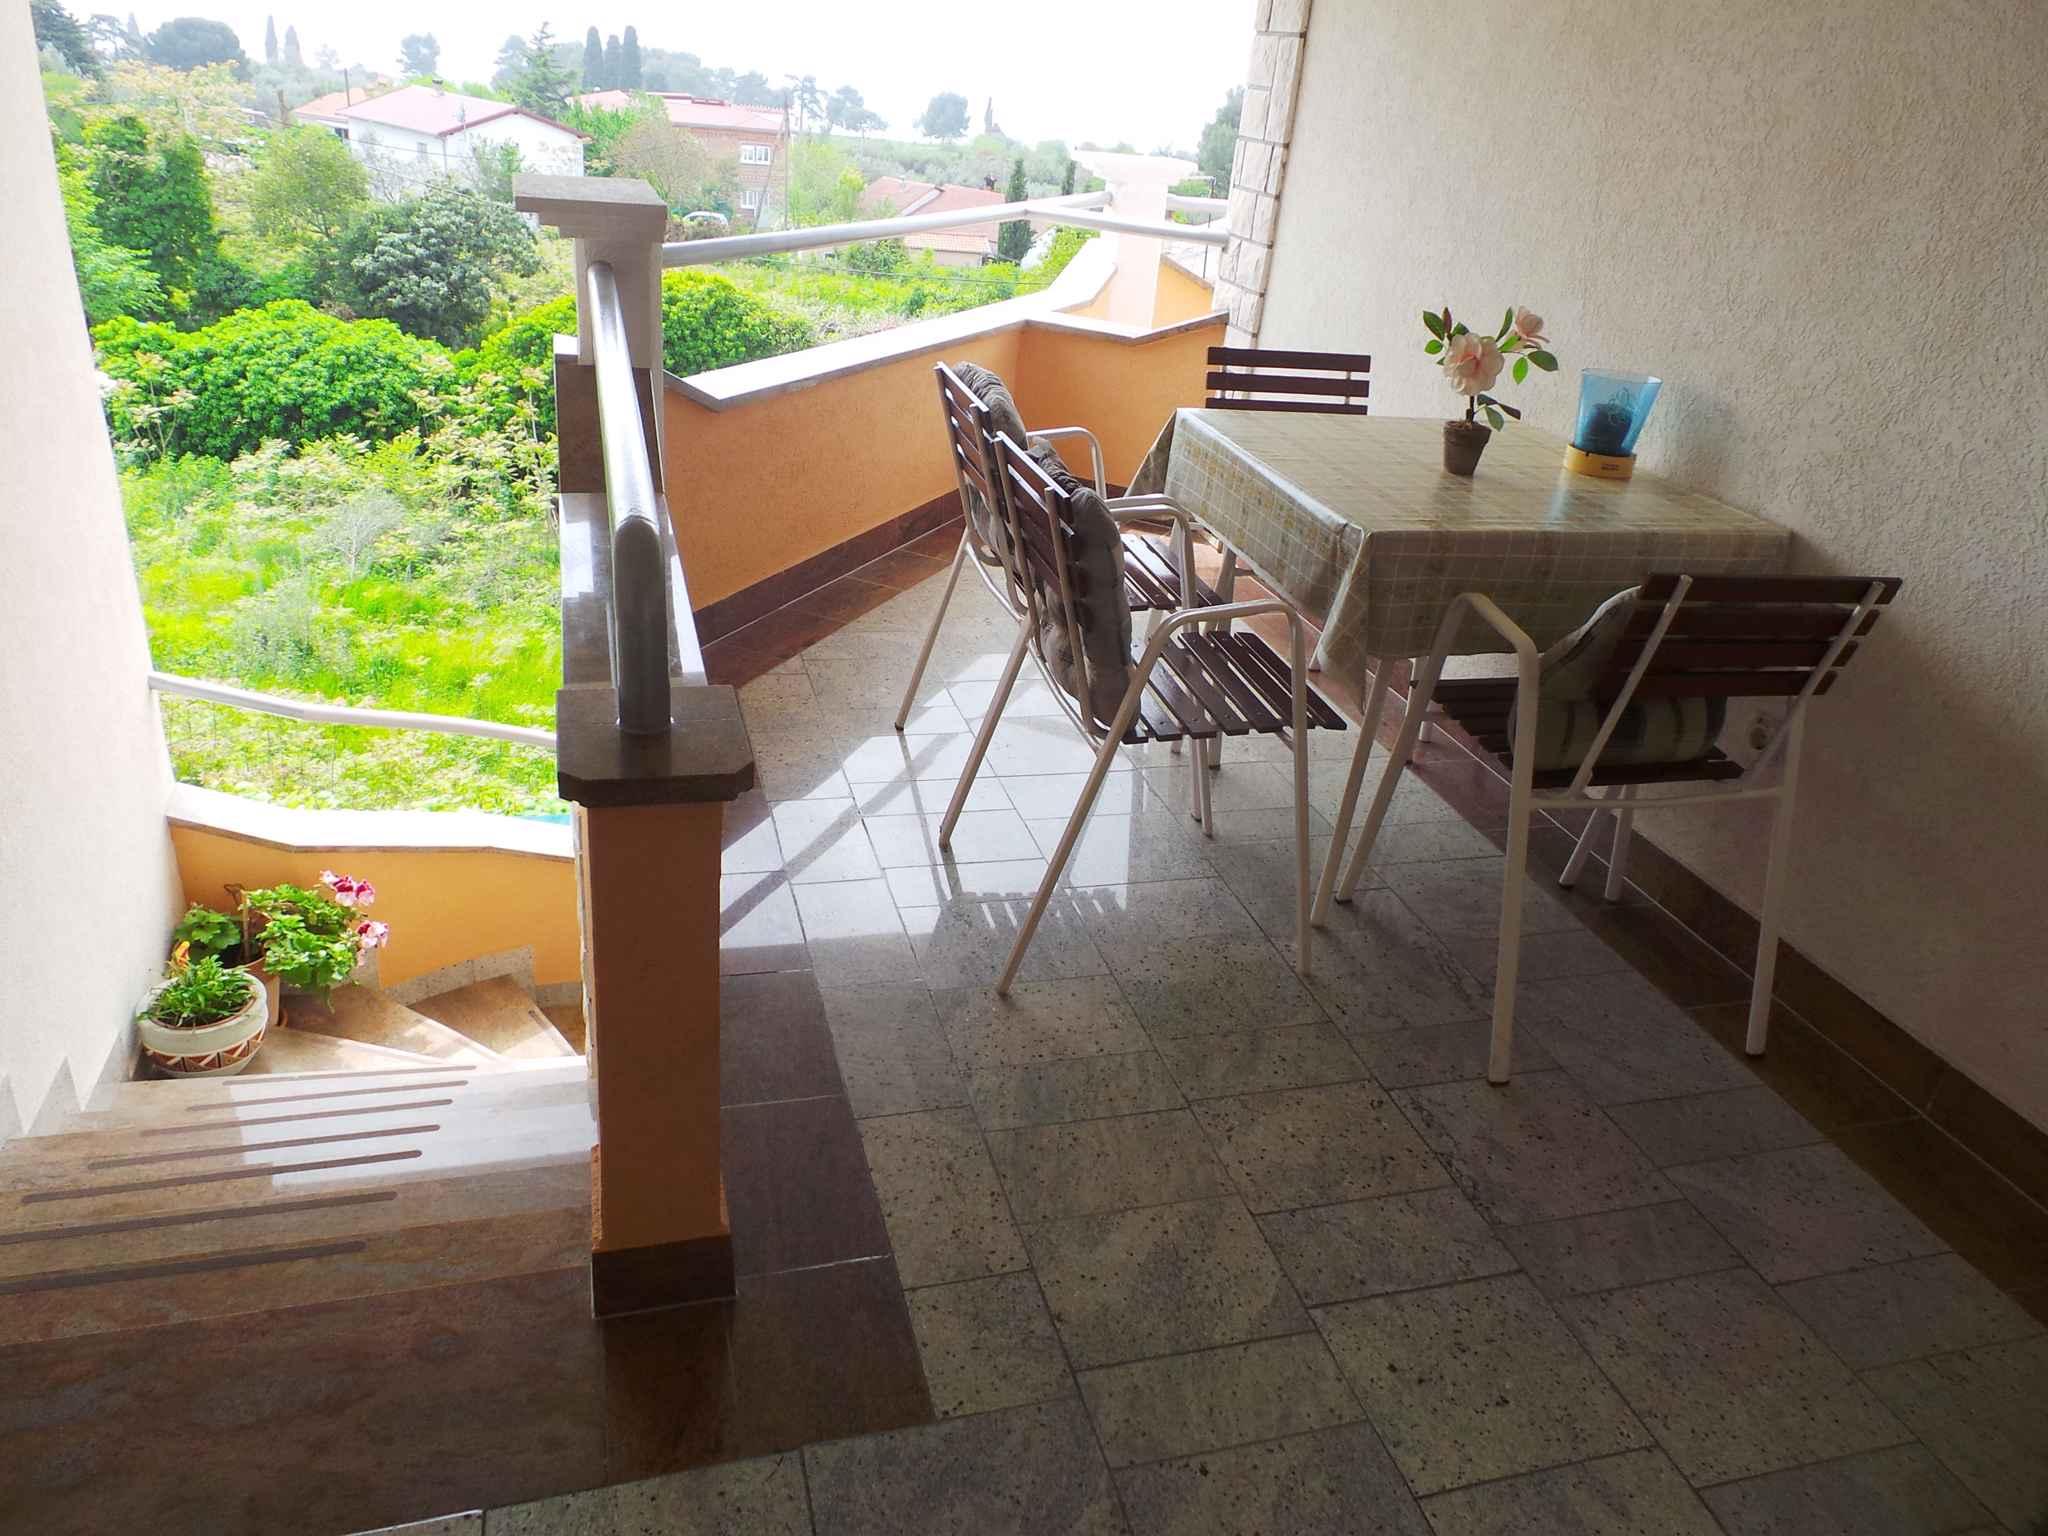 Ferienwohnung mit Tischtennis im Garten (279780), Fažana, , Istrien, Kroatien, Bild 2